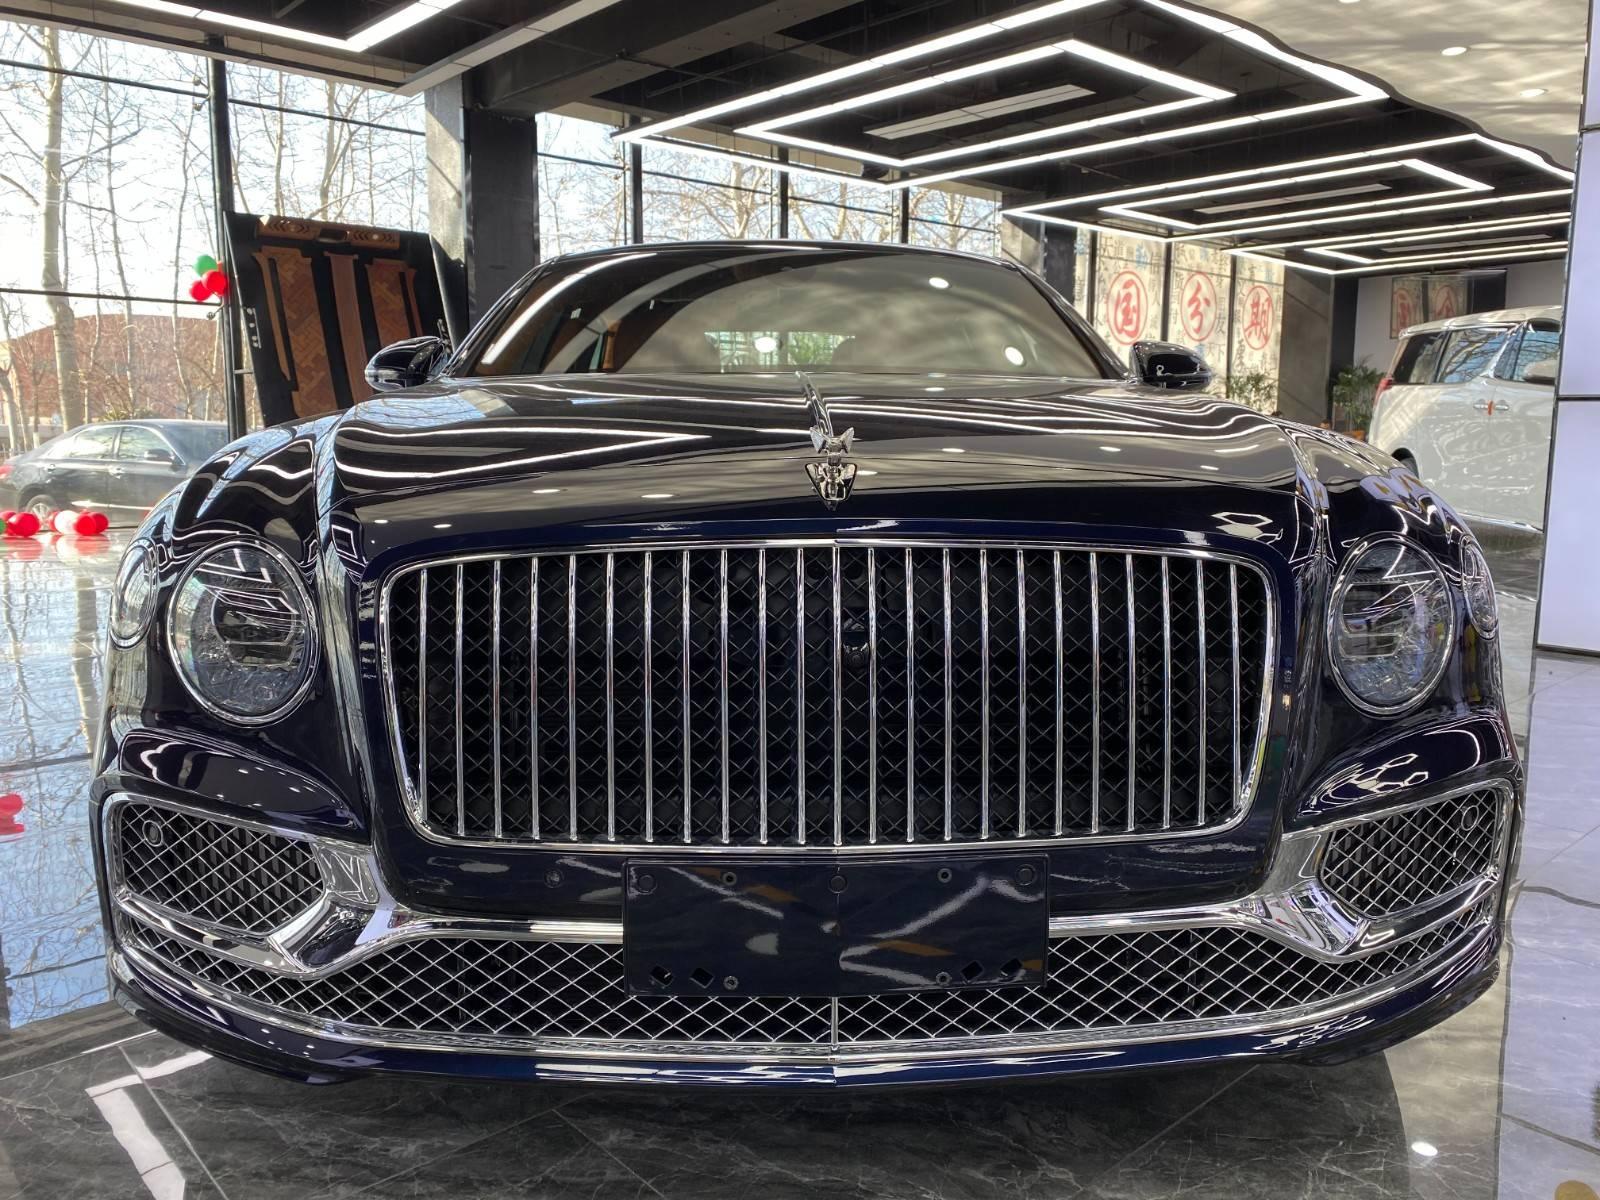 2020宾利超速新报价最佳豪华汽车提供更多